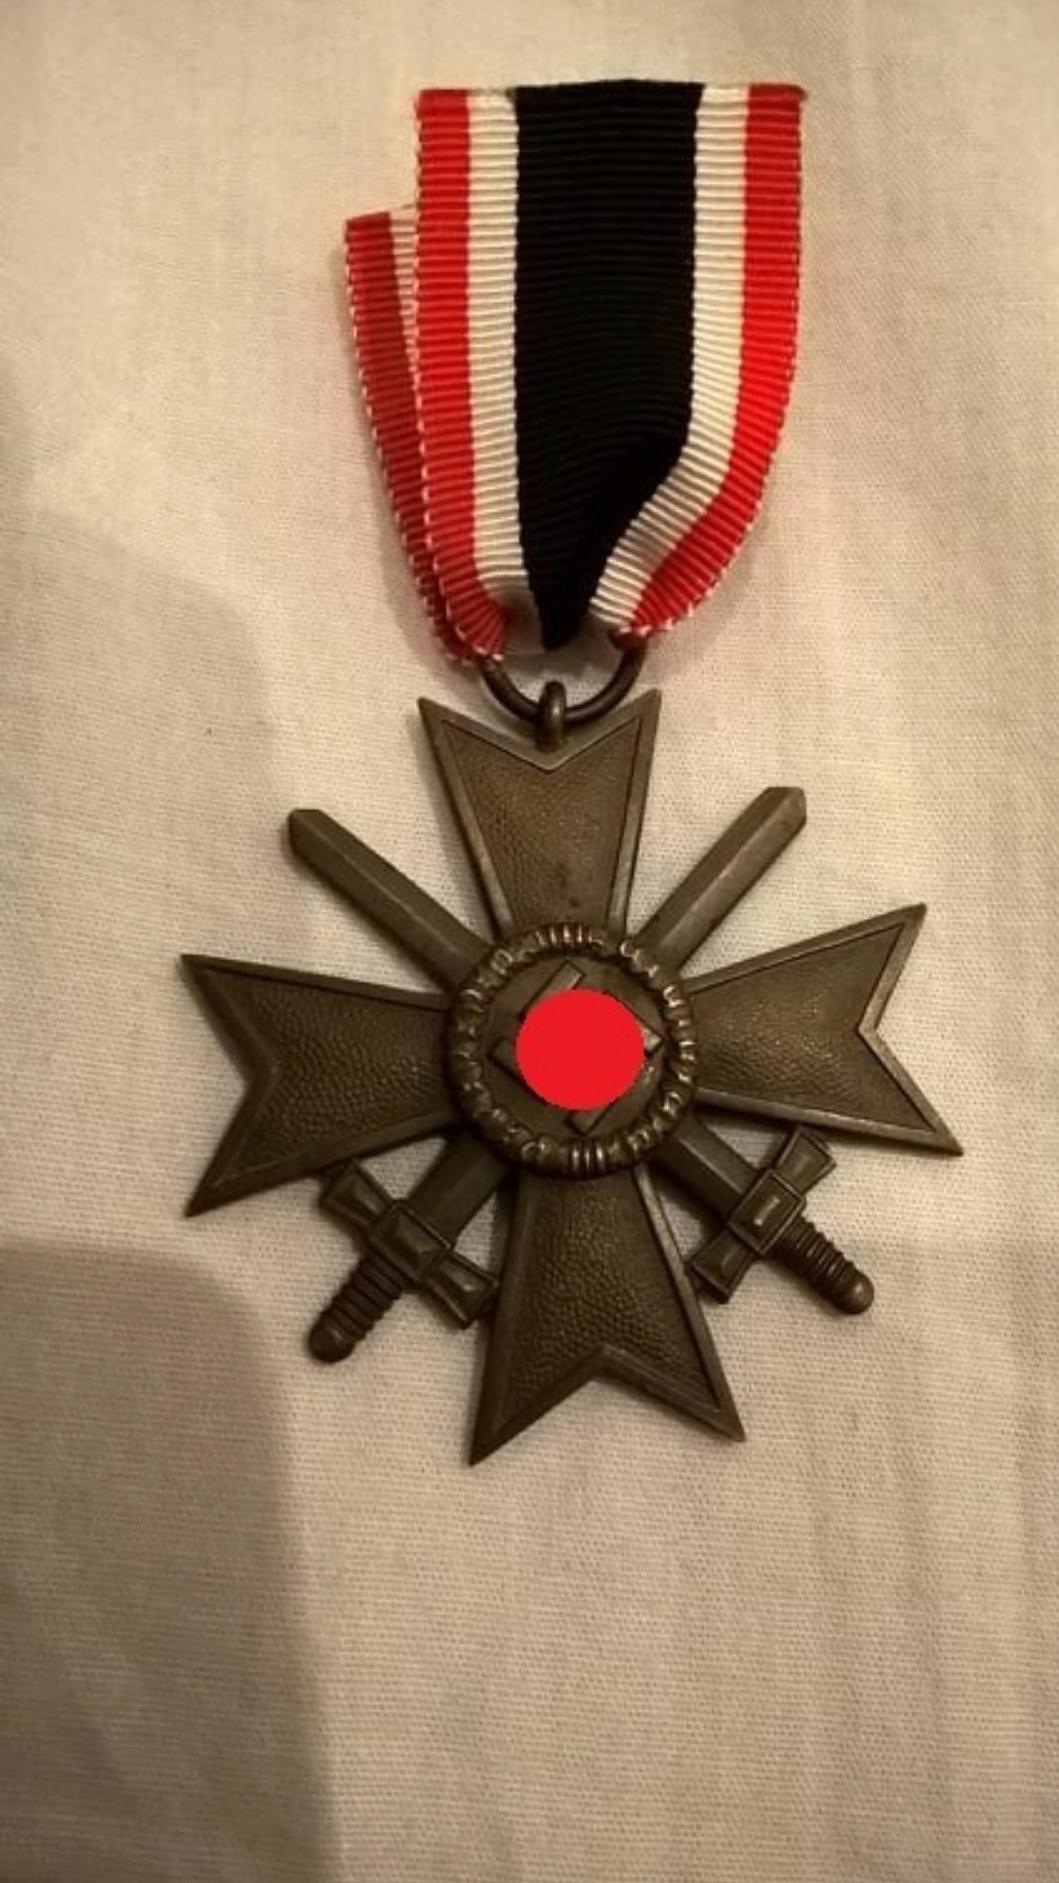 Authentification croix du mérite ww2 20190814